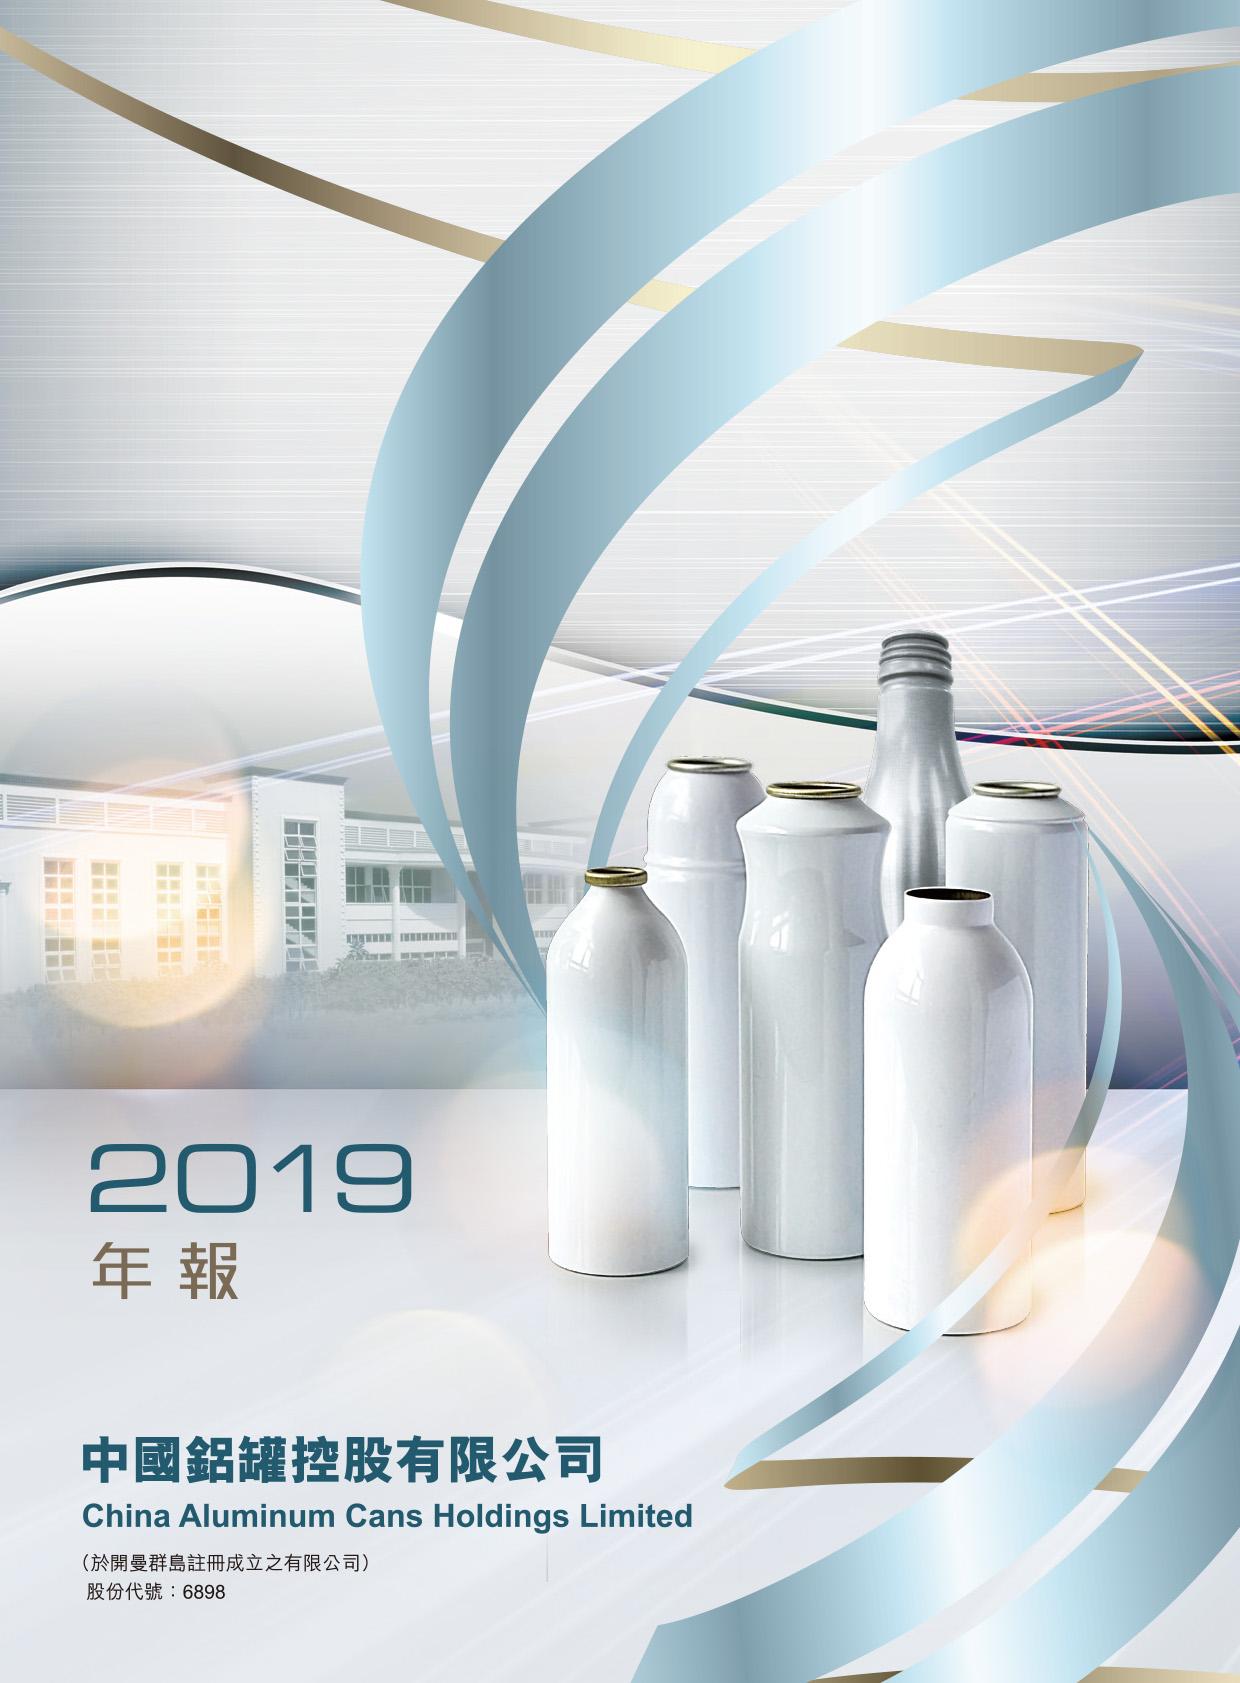 中国铝罐控股有限公司